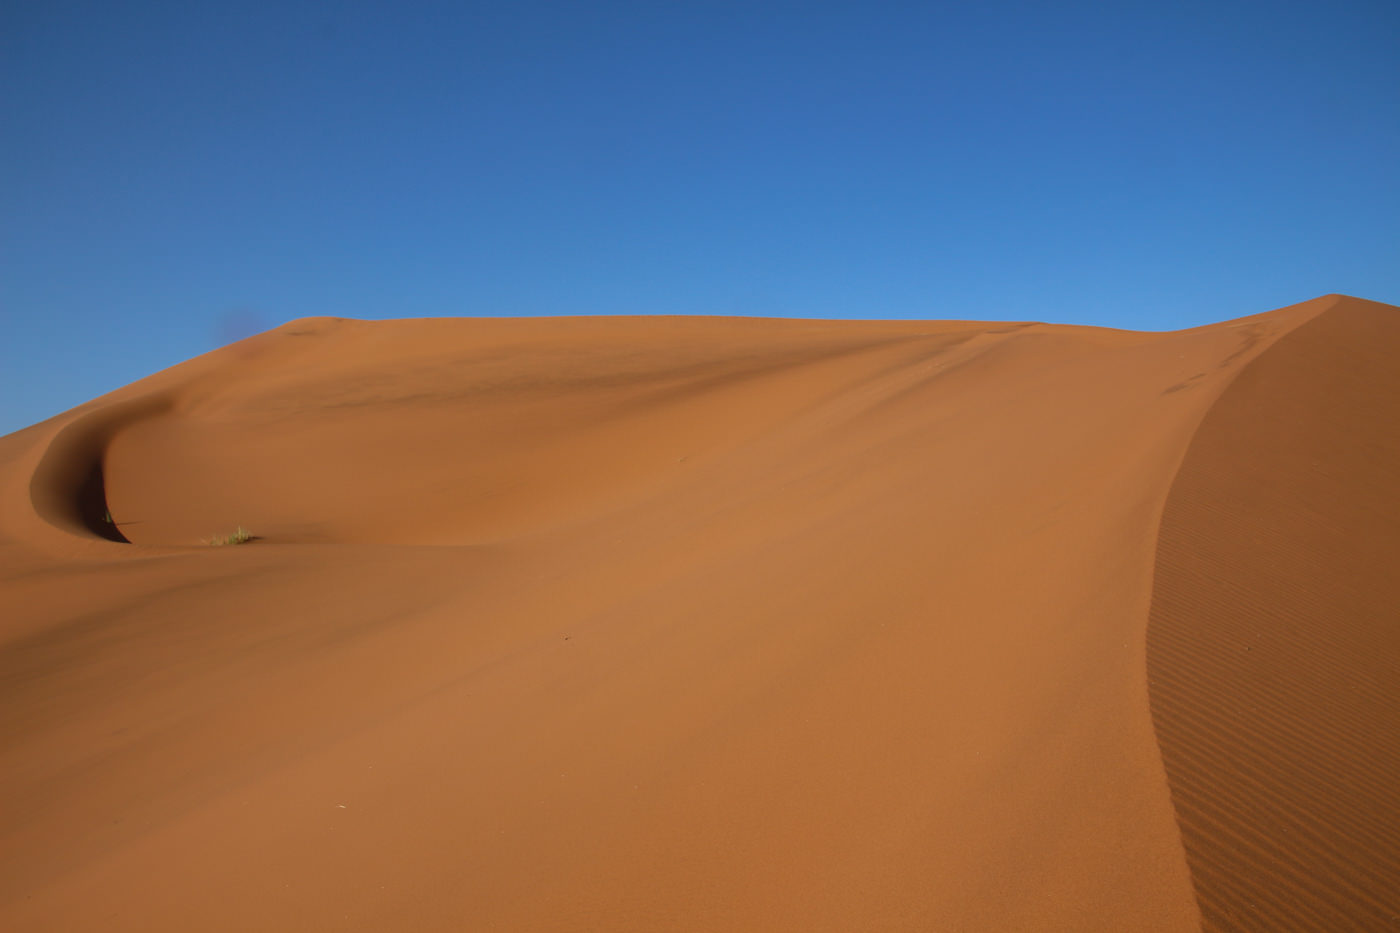 美しい砂漠